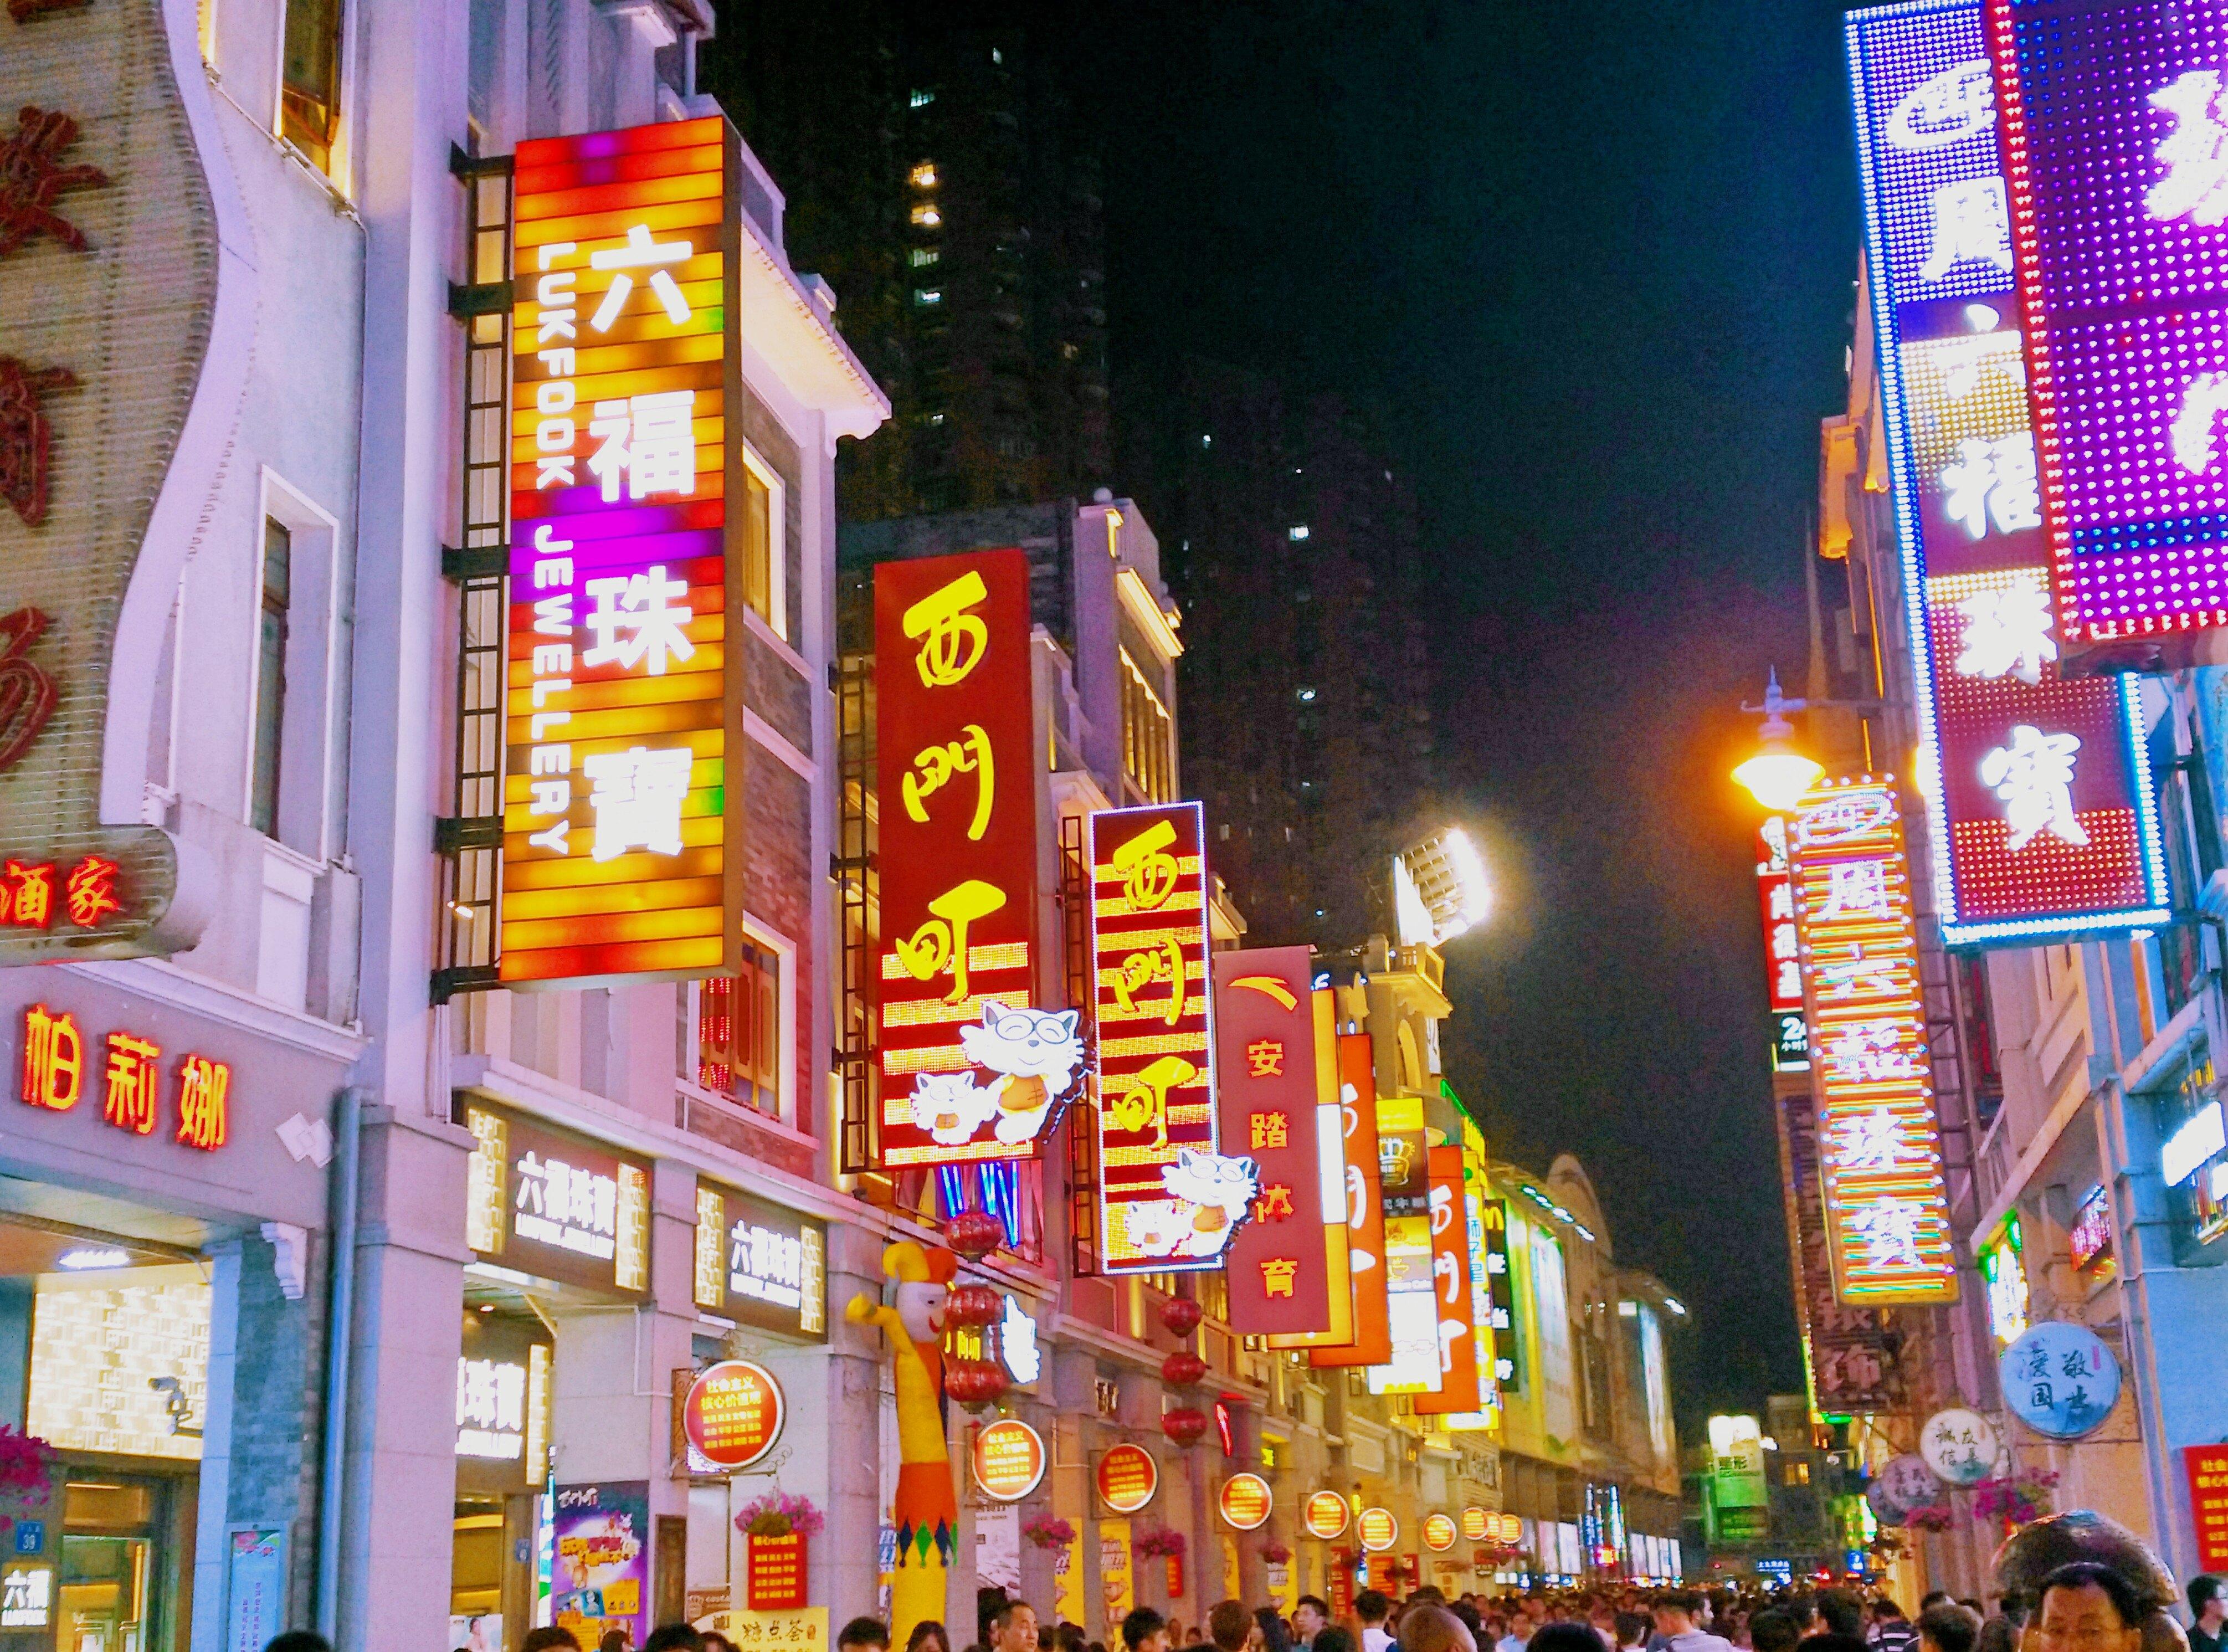 【携程攻略】广东上下九步行街适合情侣出游旅游吗